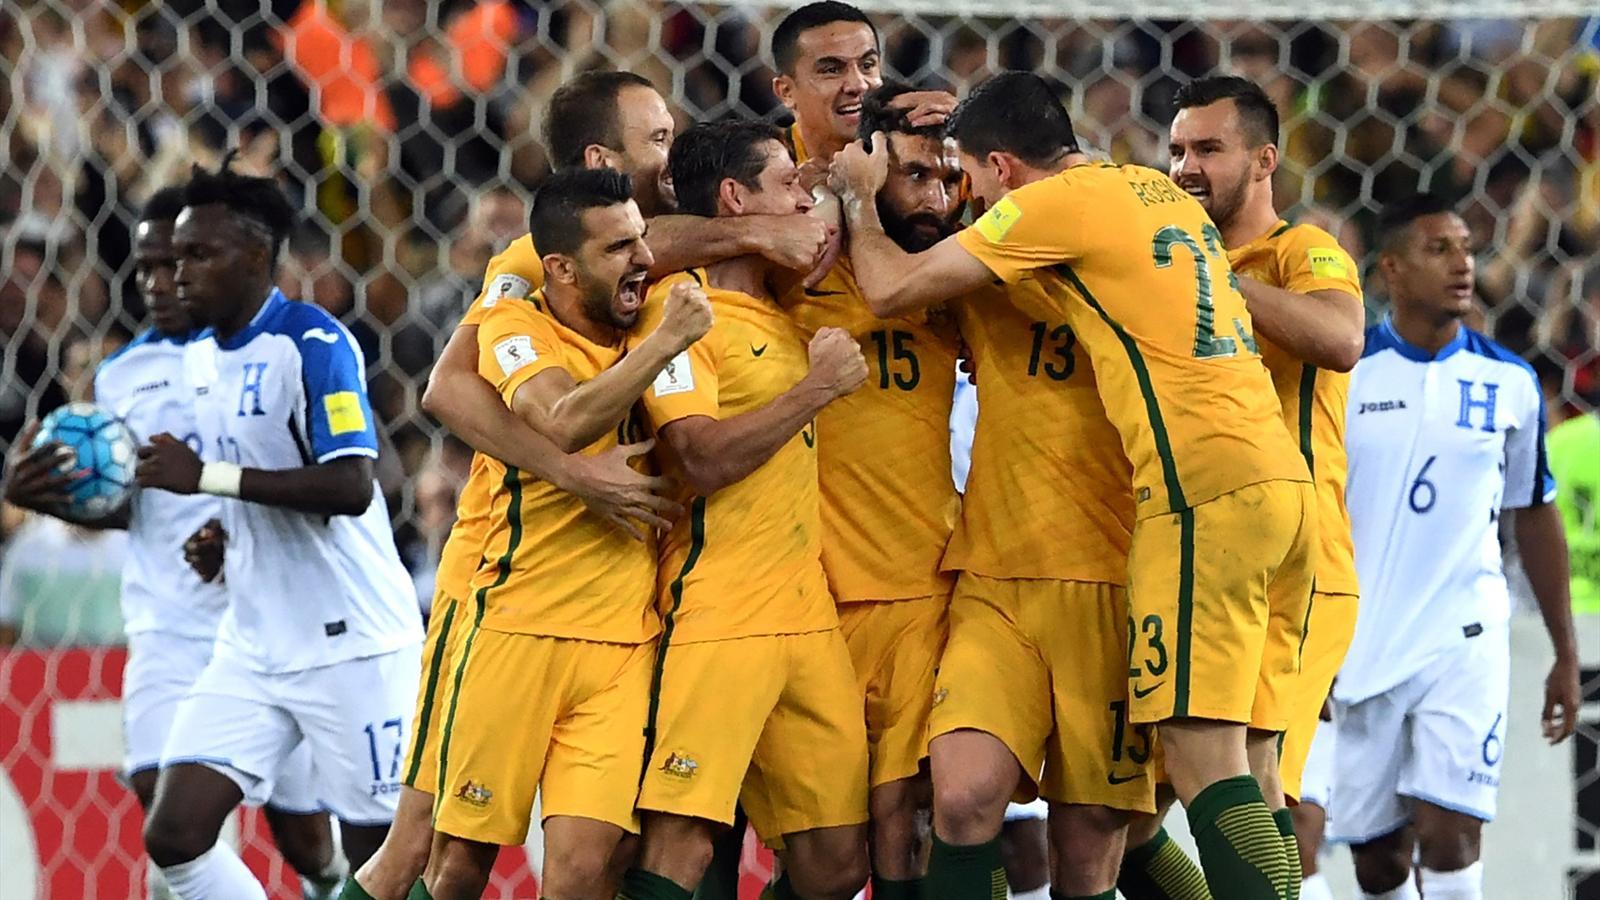 Pas de s lectionneur avant f vrier pour l 39 australie - Classement qualification coupe du monde ...